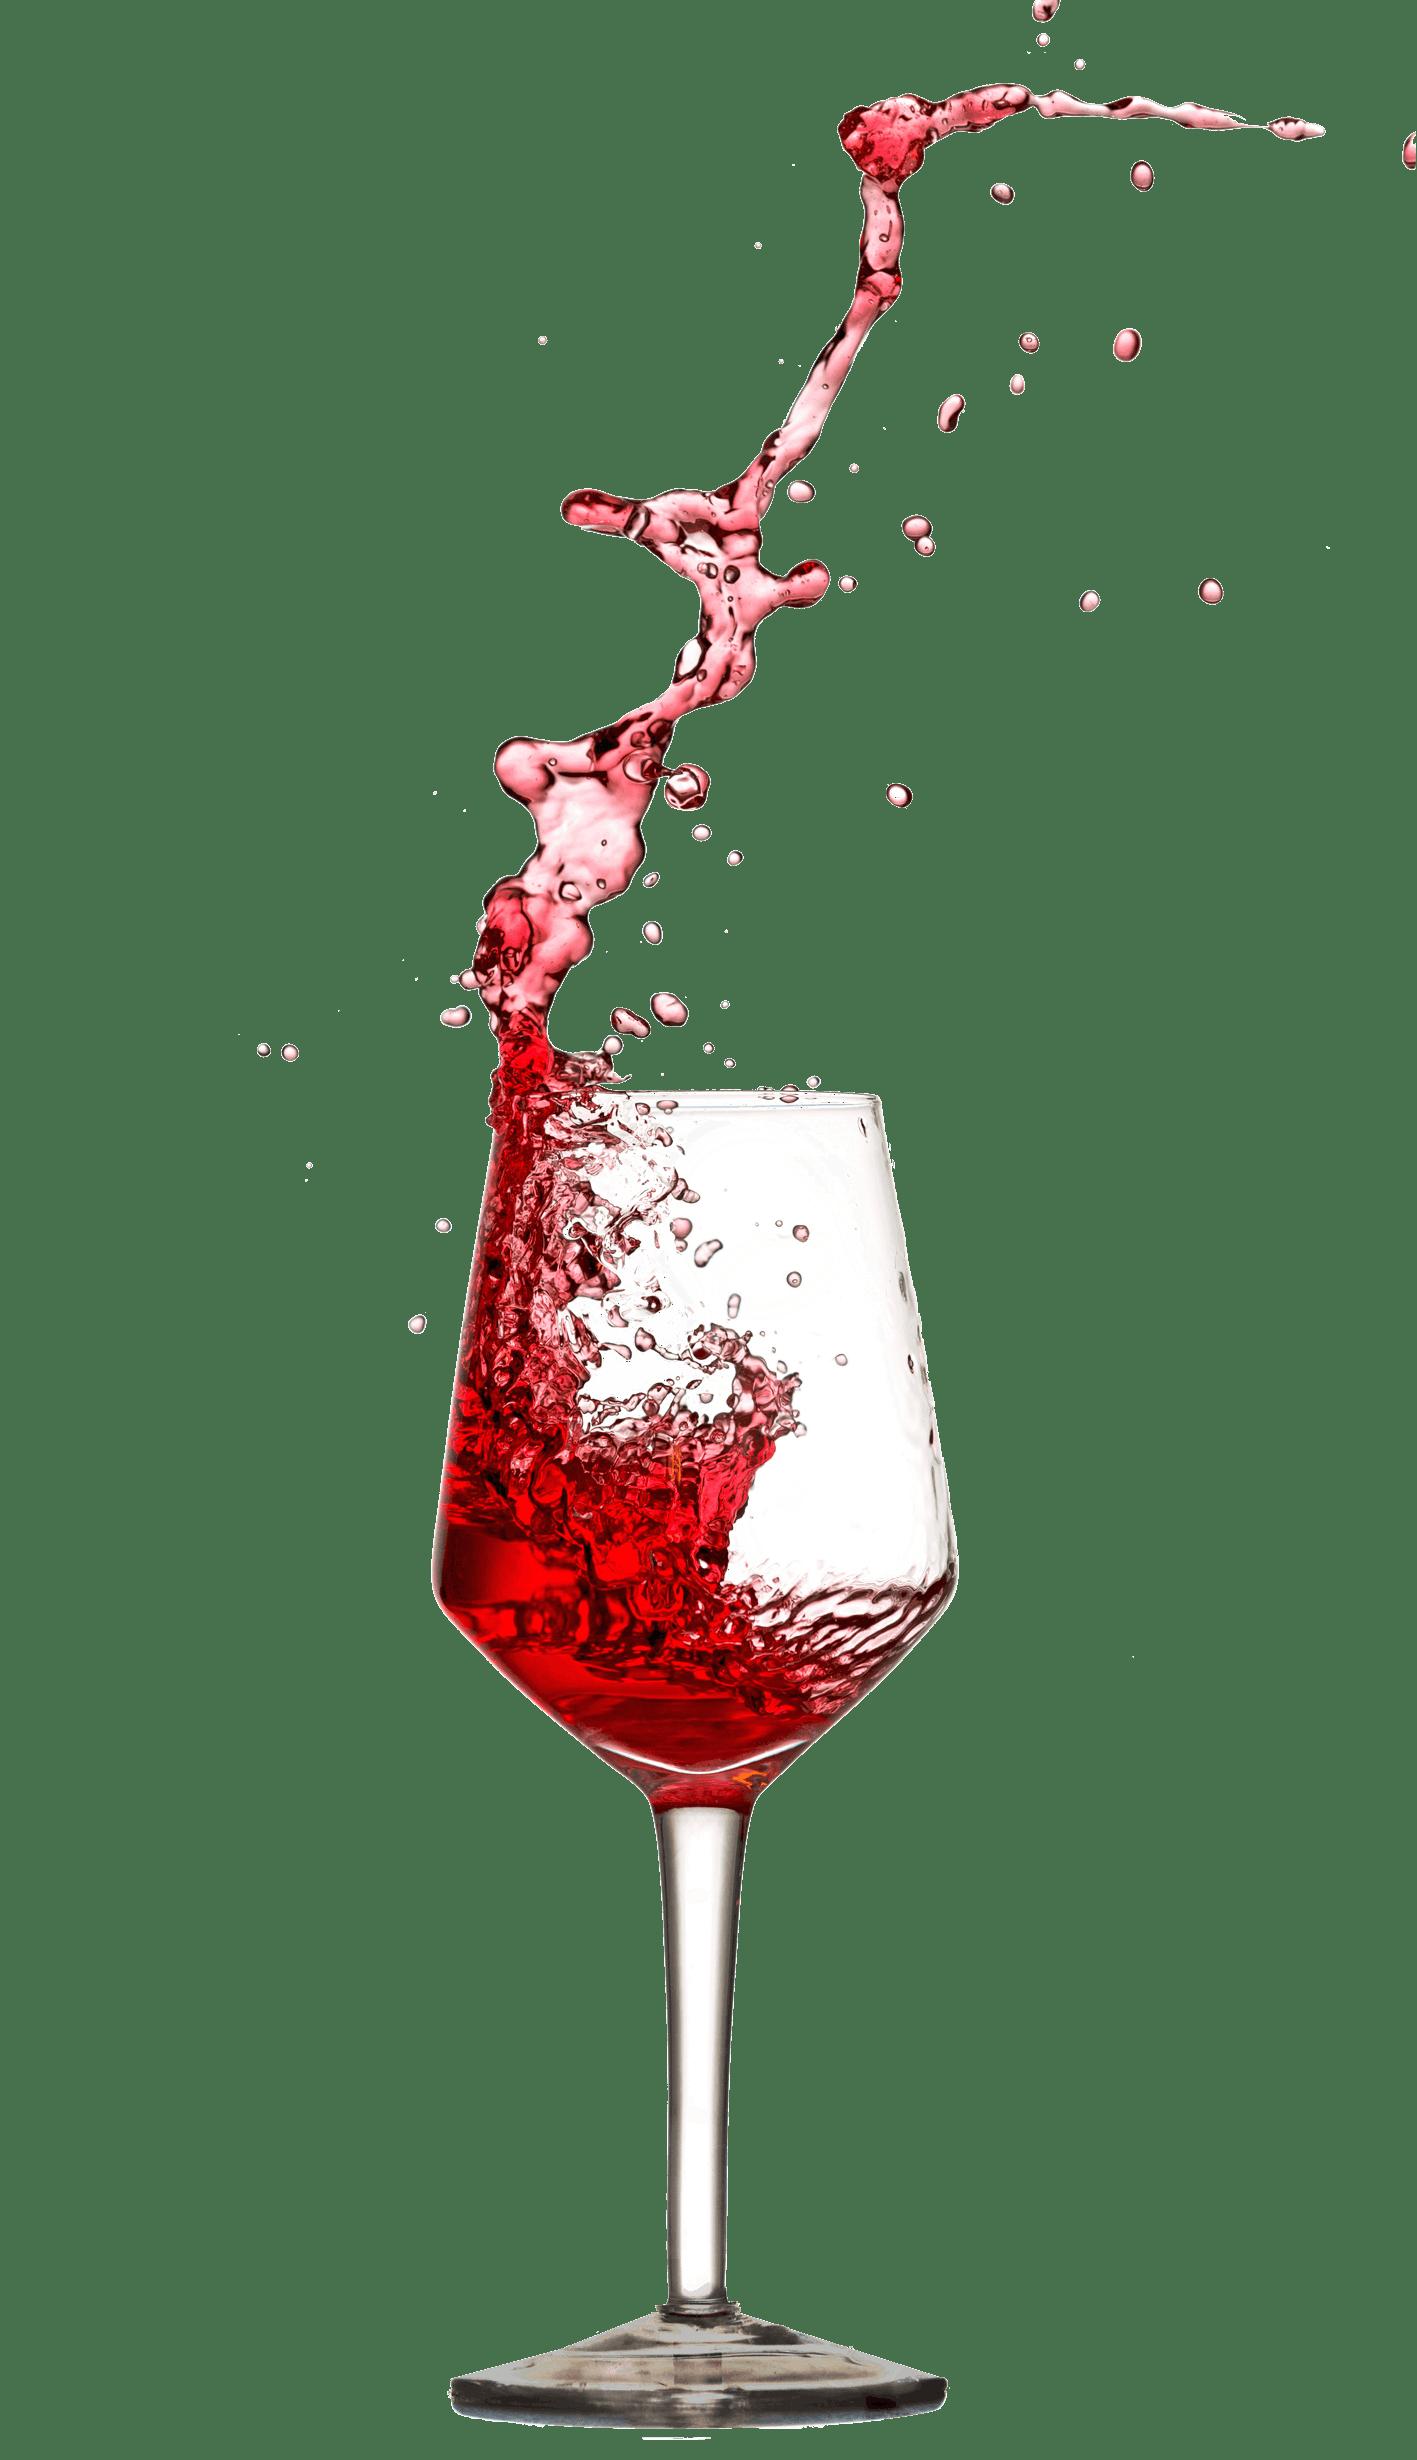 alkohol, alkoholiker, alkoholisch